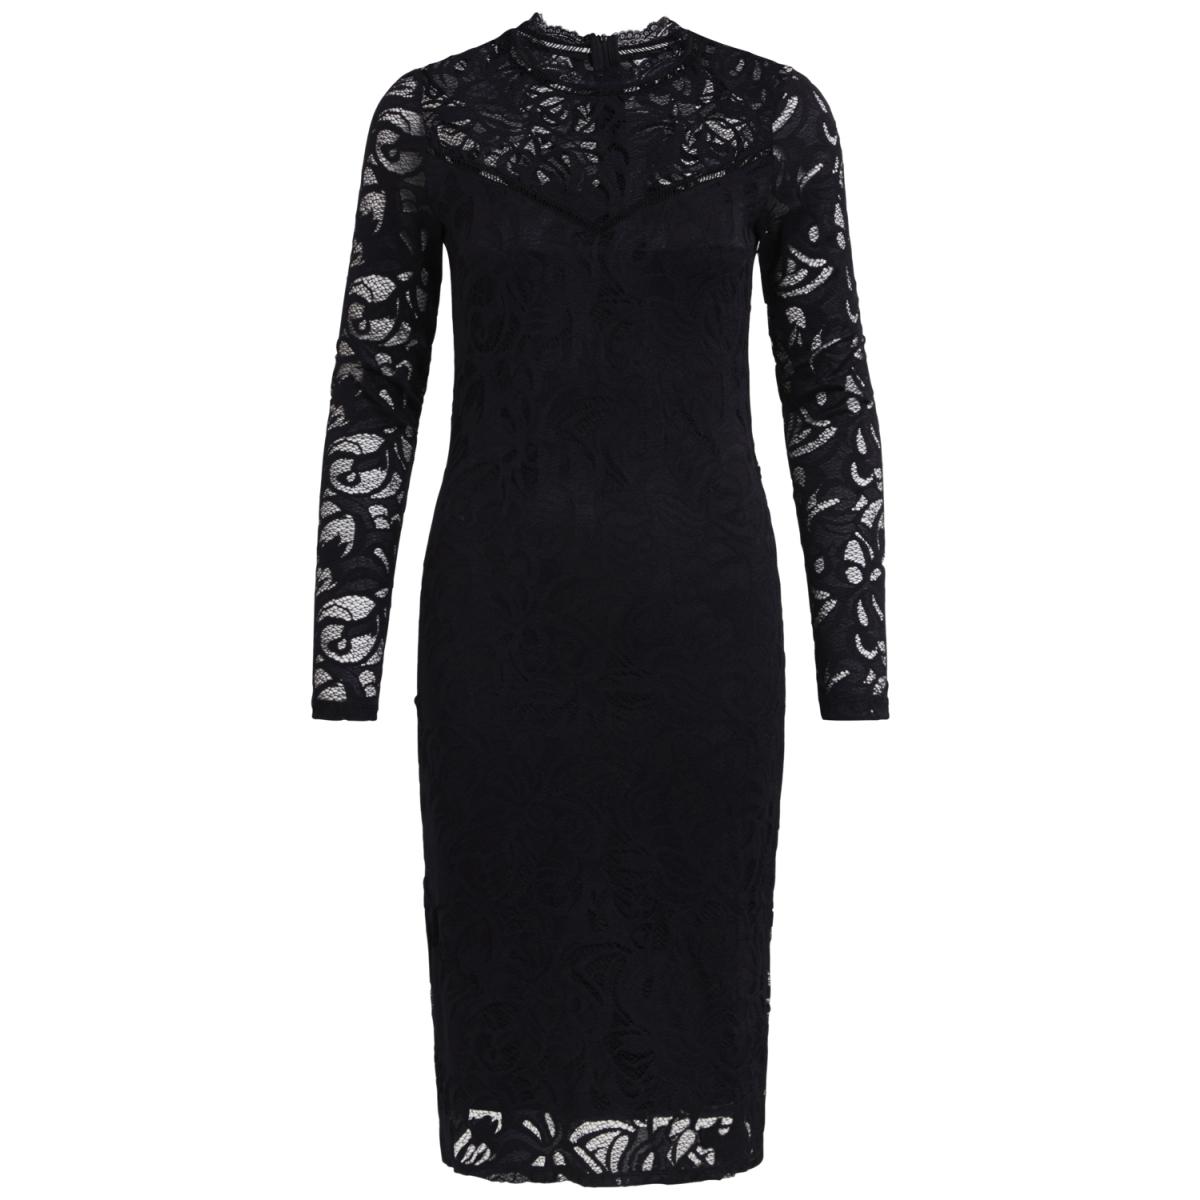 vistasia l/s lace dress 14041868 vila jurk black